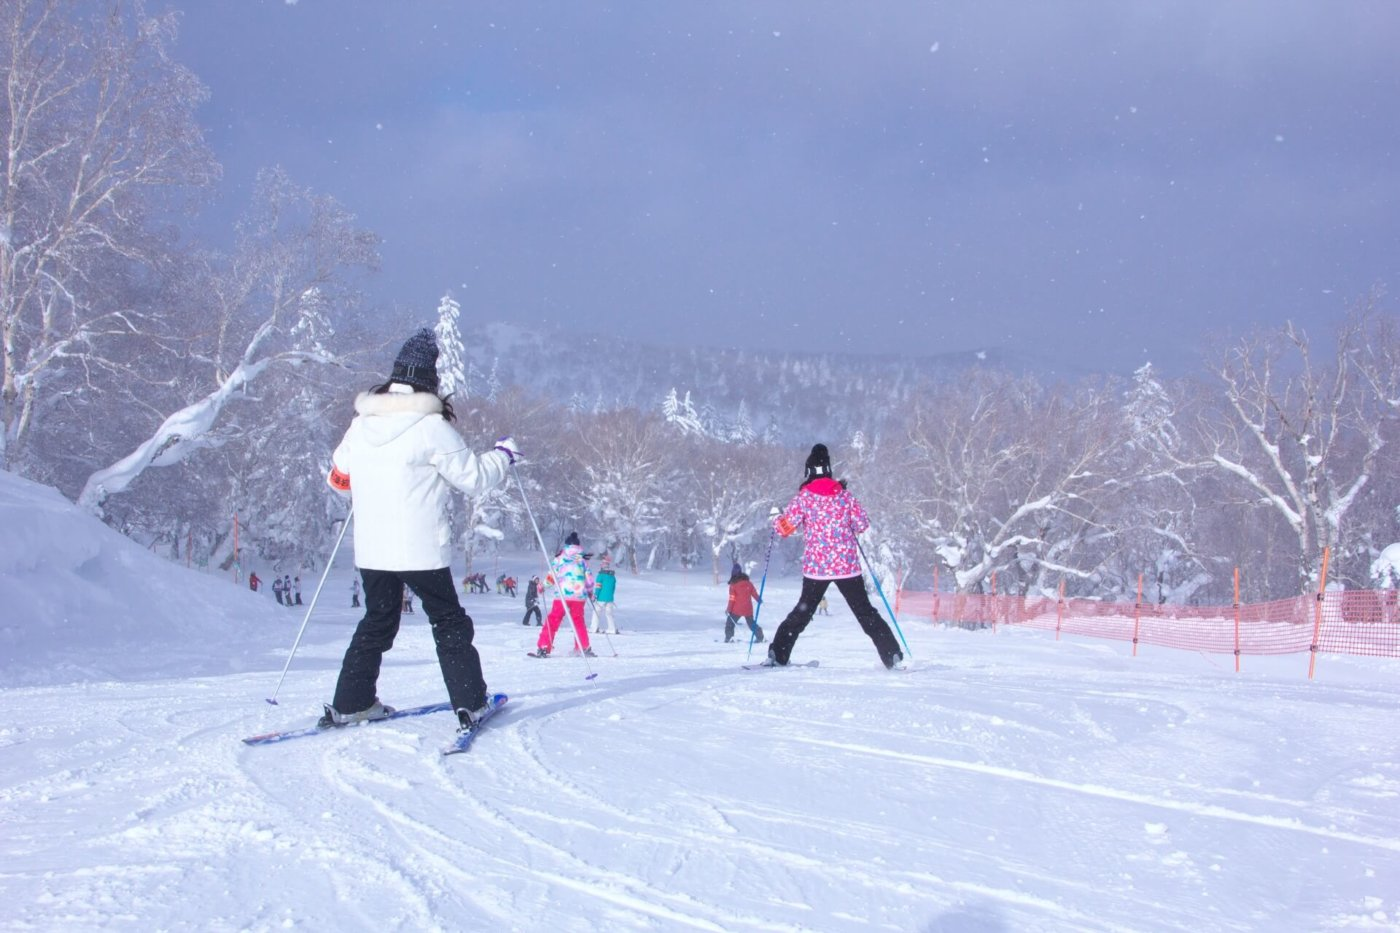 スキーの寒さにグローブは必需品